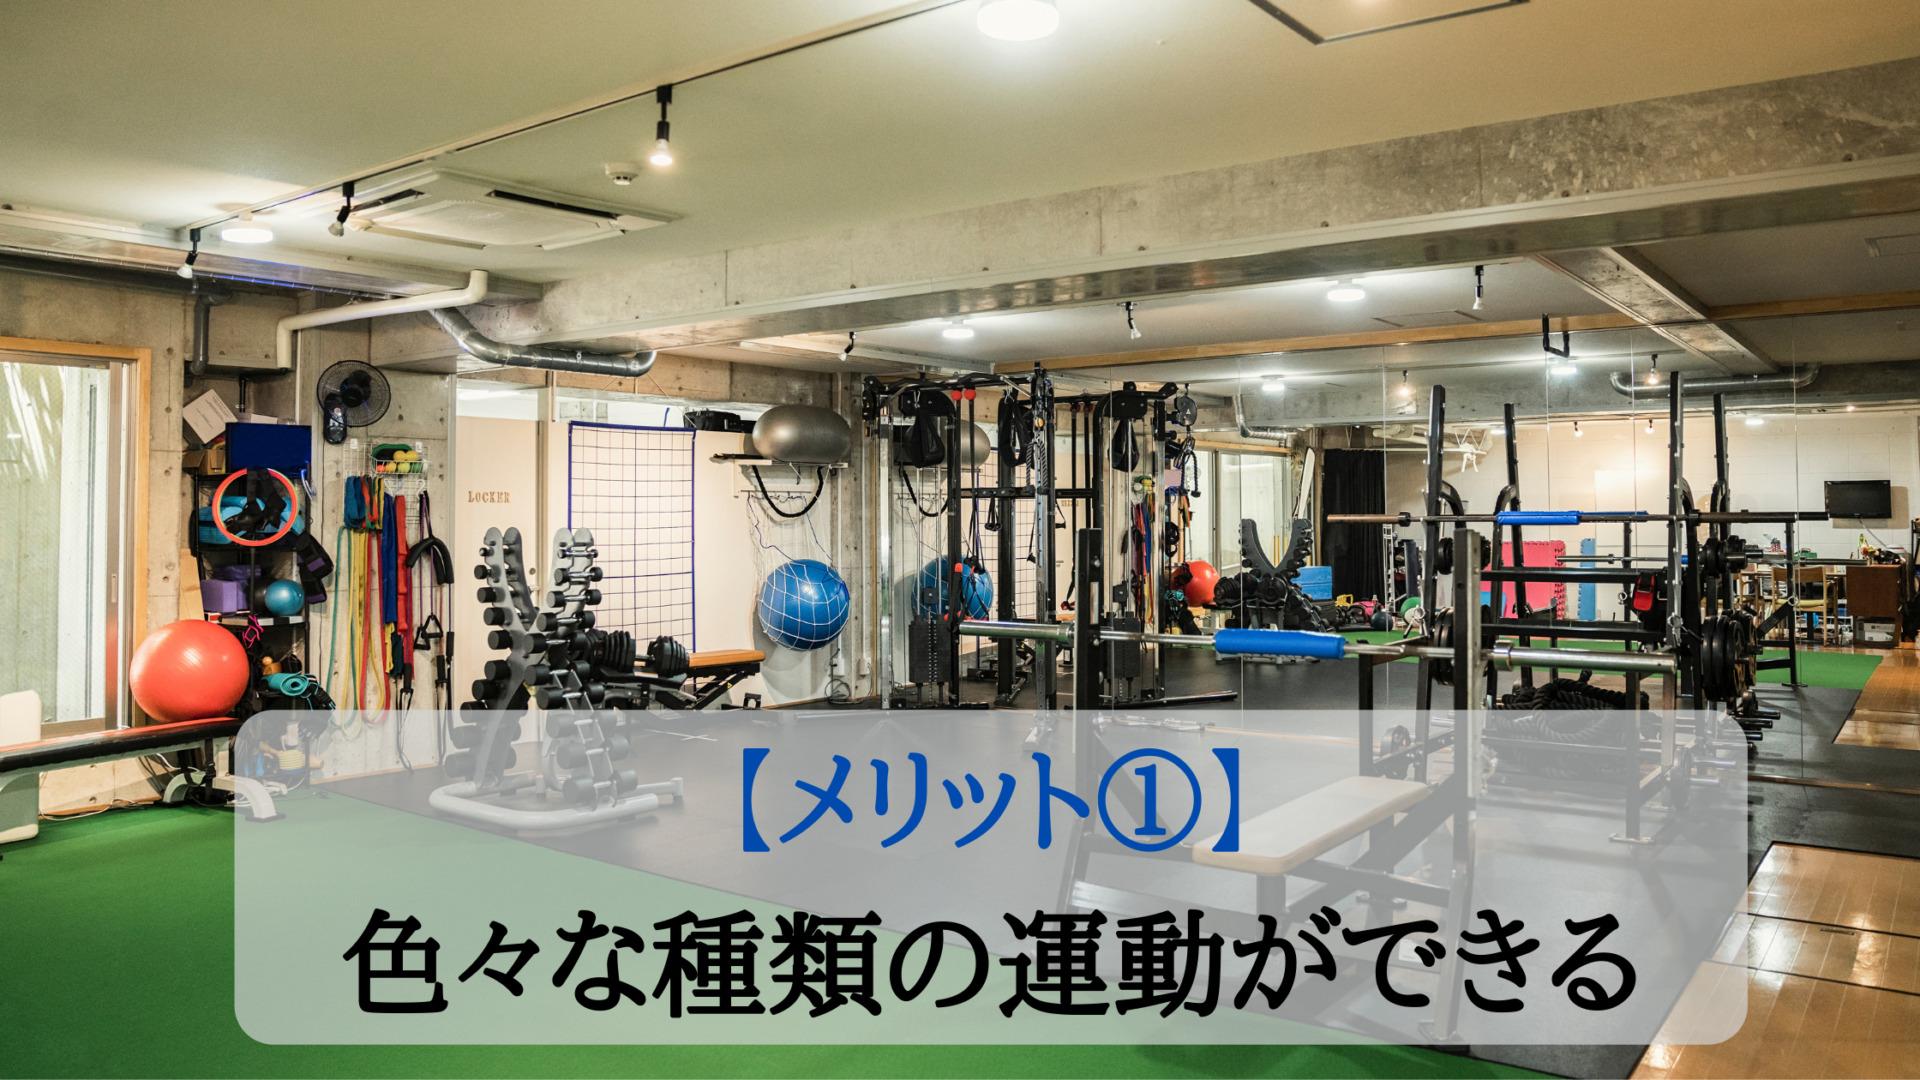 メリット①:色々な種類の運動ができる